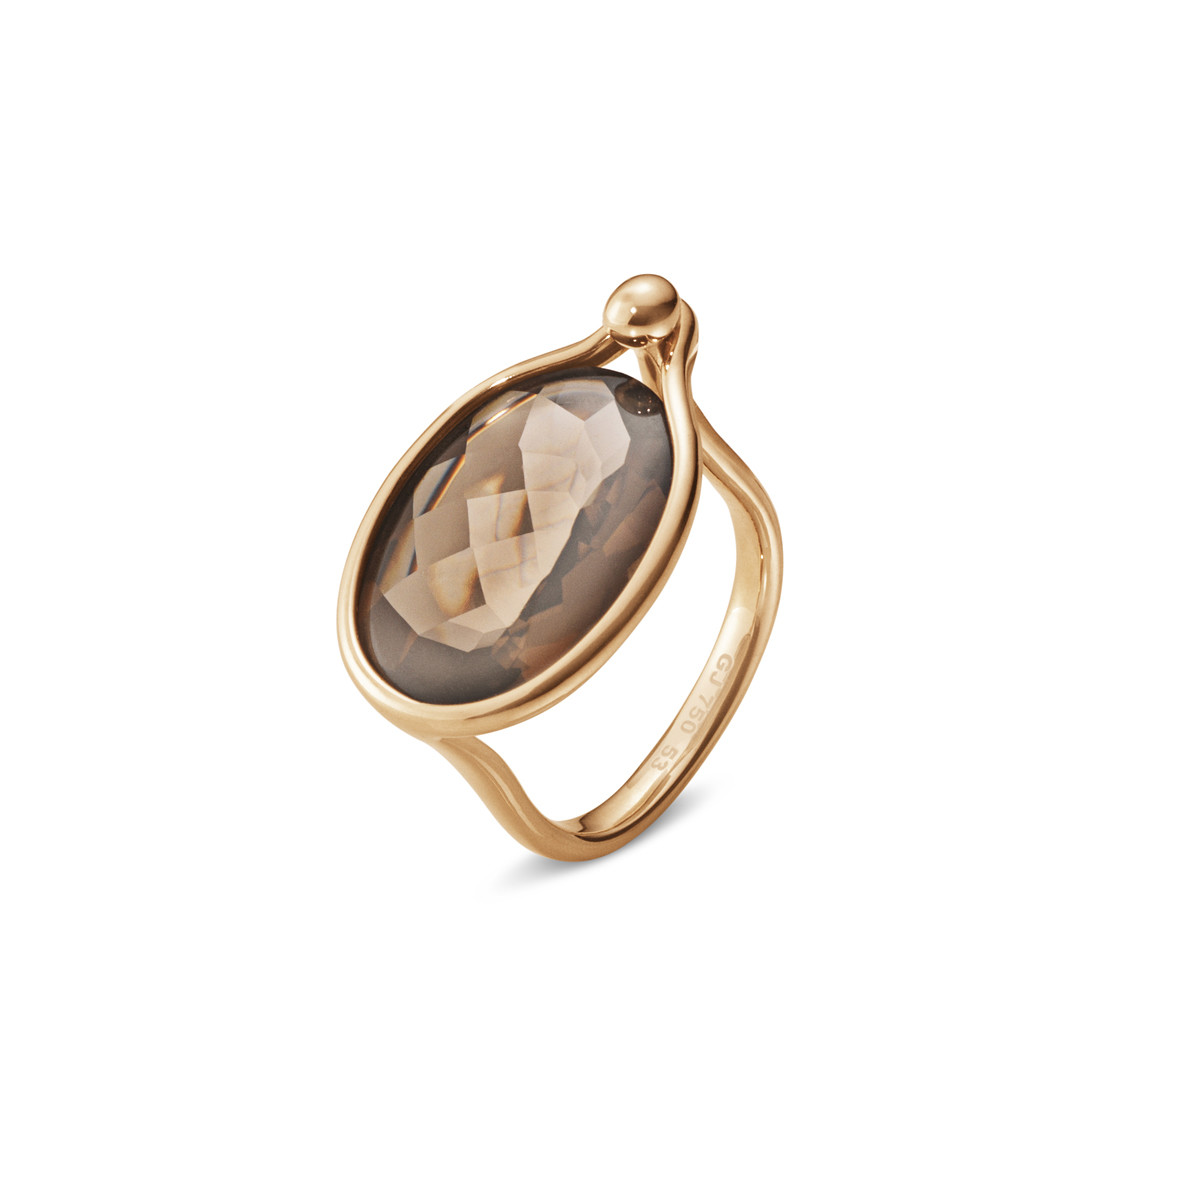 Georg Jensen SAVANNAH ring - 10003228 Størrelse 55